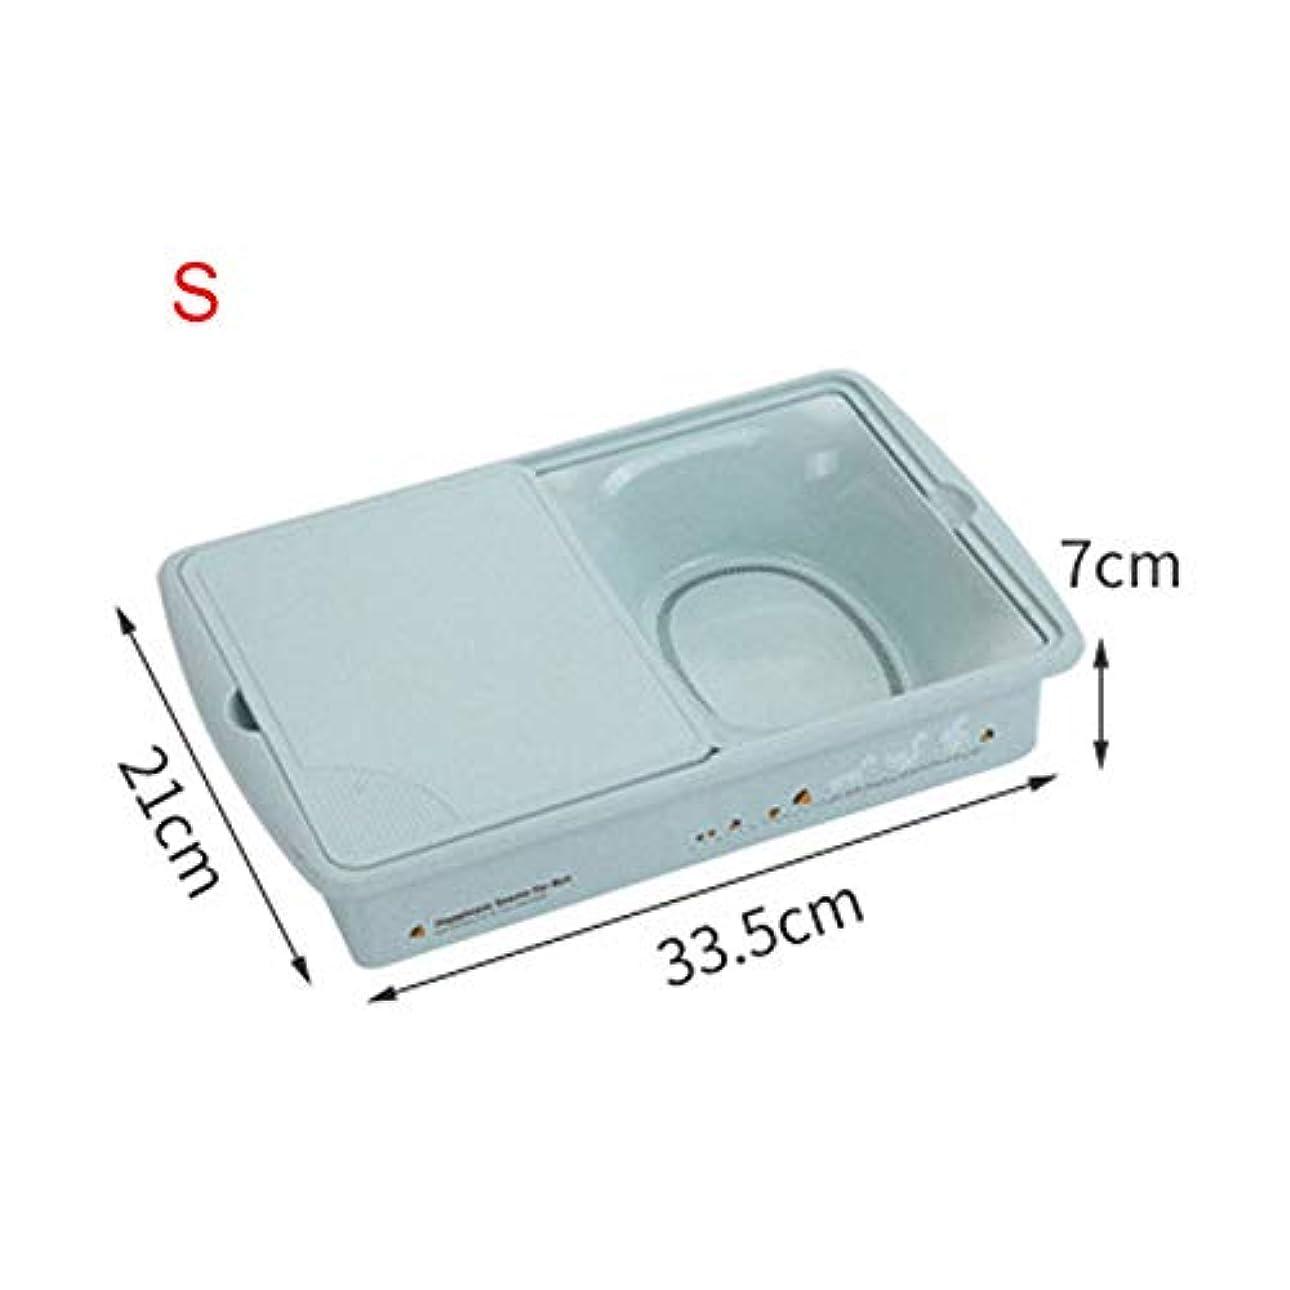 驚くばかりプロトタイプ広告Fitfulvan 2層プラスチック排水バスケット 多目的コンテナ シンク洗濯バスケット 正方形麦わらまな板